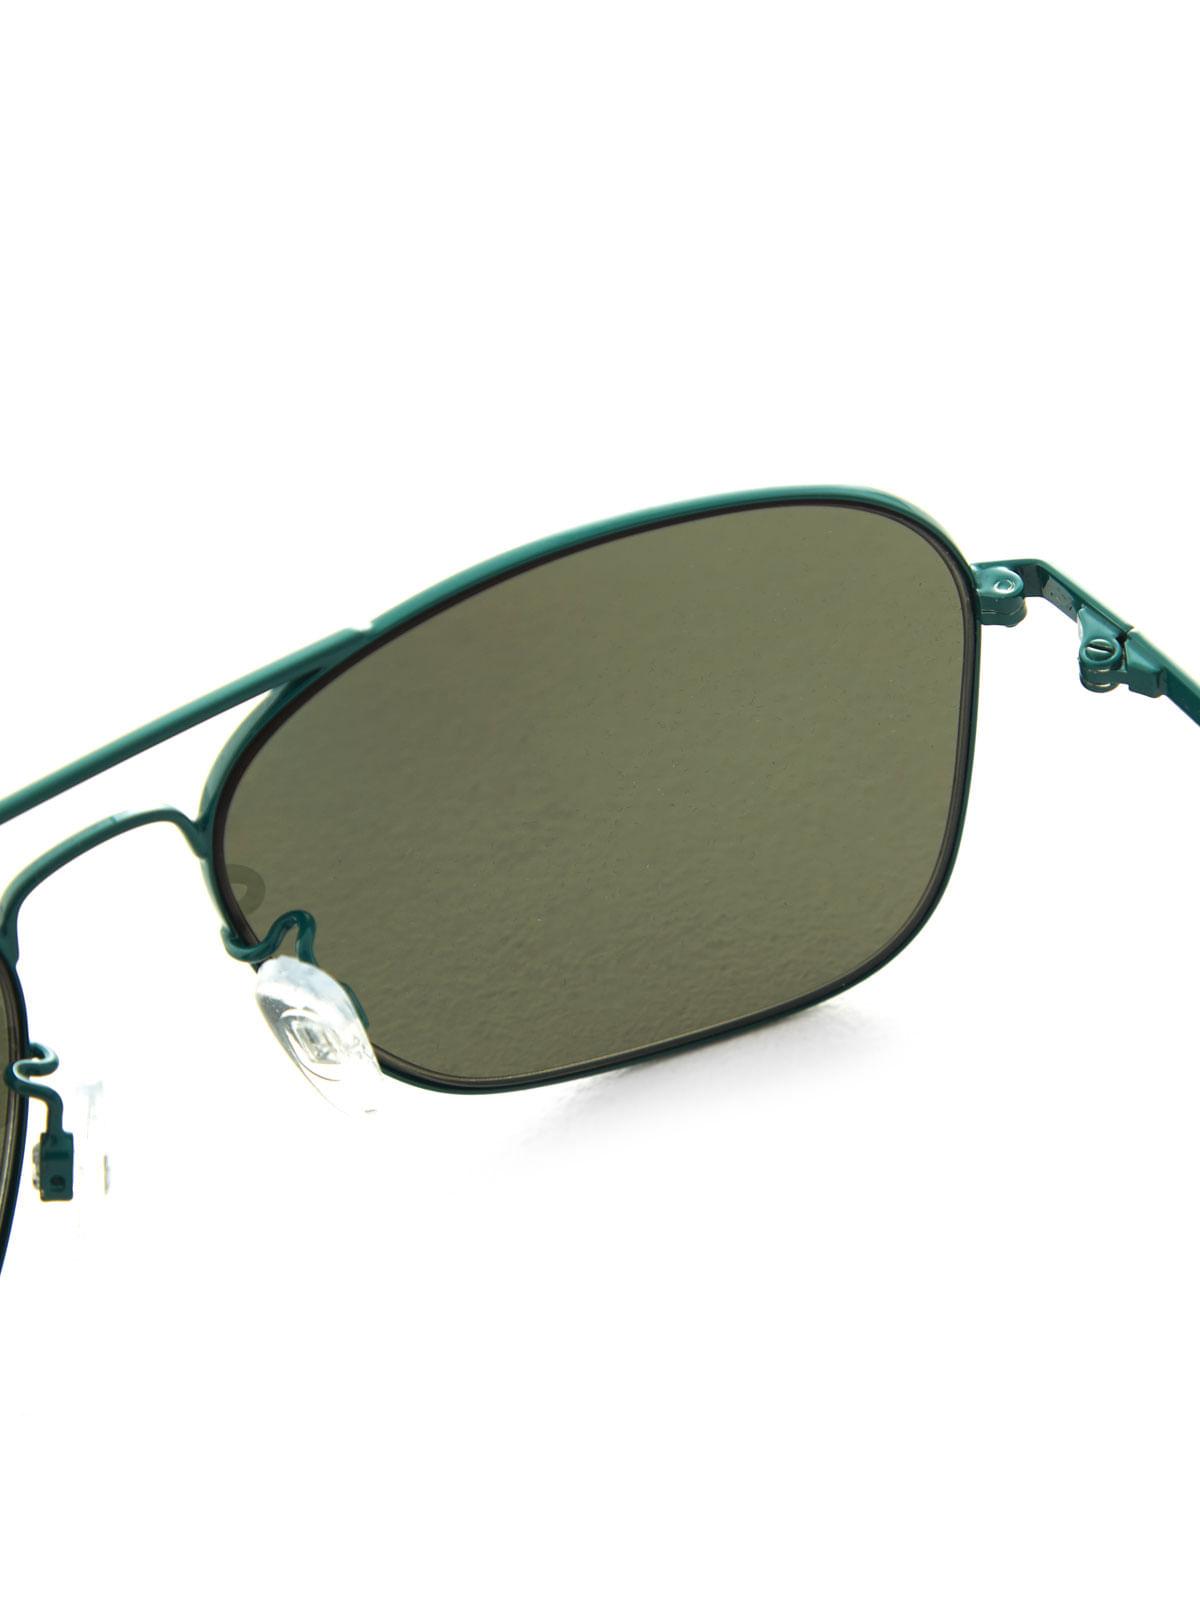 caa588b9ff Gafas de Sol para Hombre 68826 - Arturo Calle